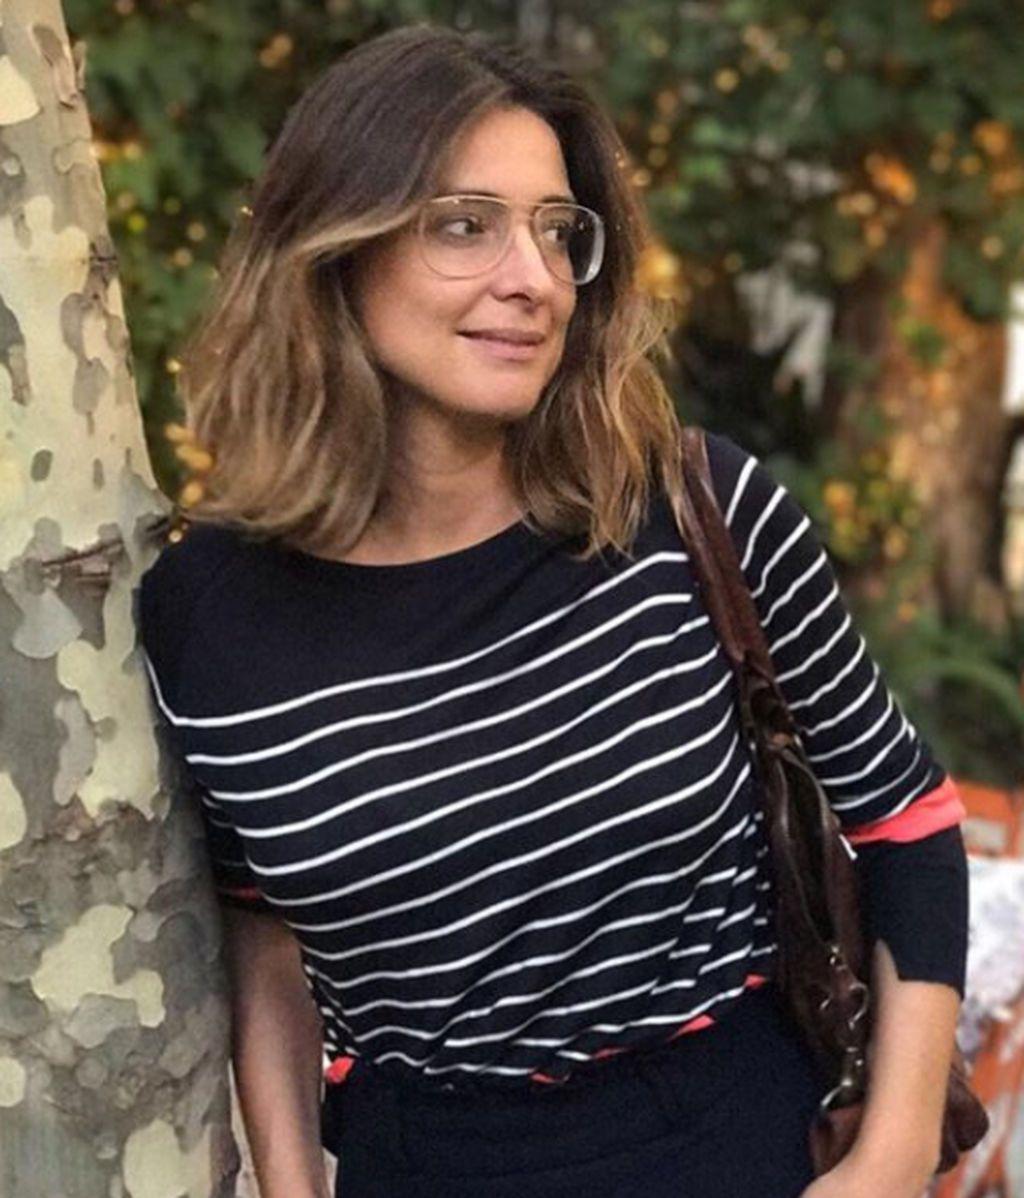 Sandra Barneda desvela en Instagram cual será su nueva obra literaria